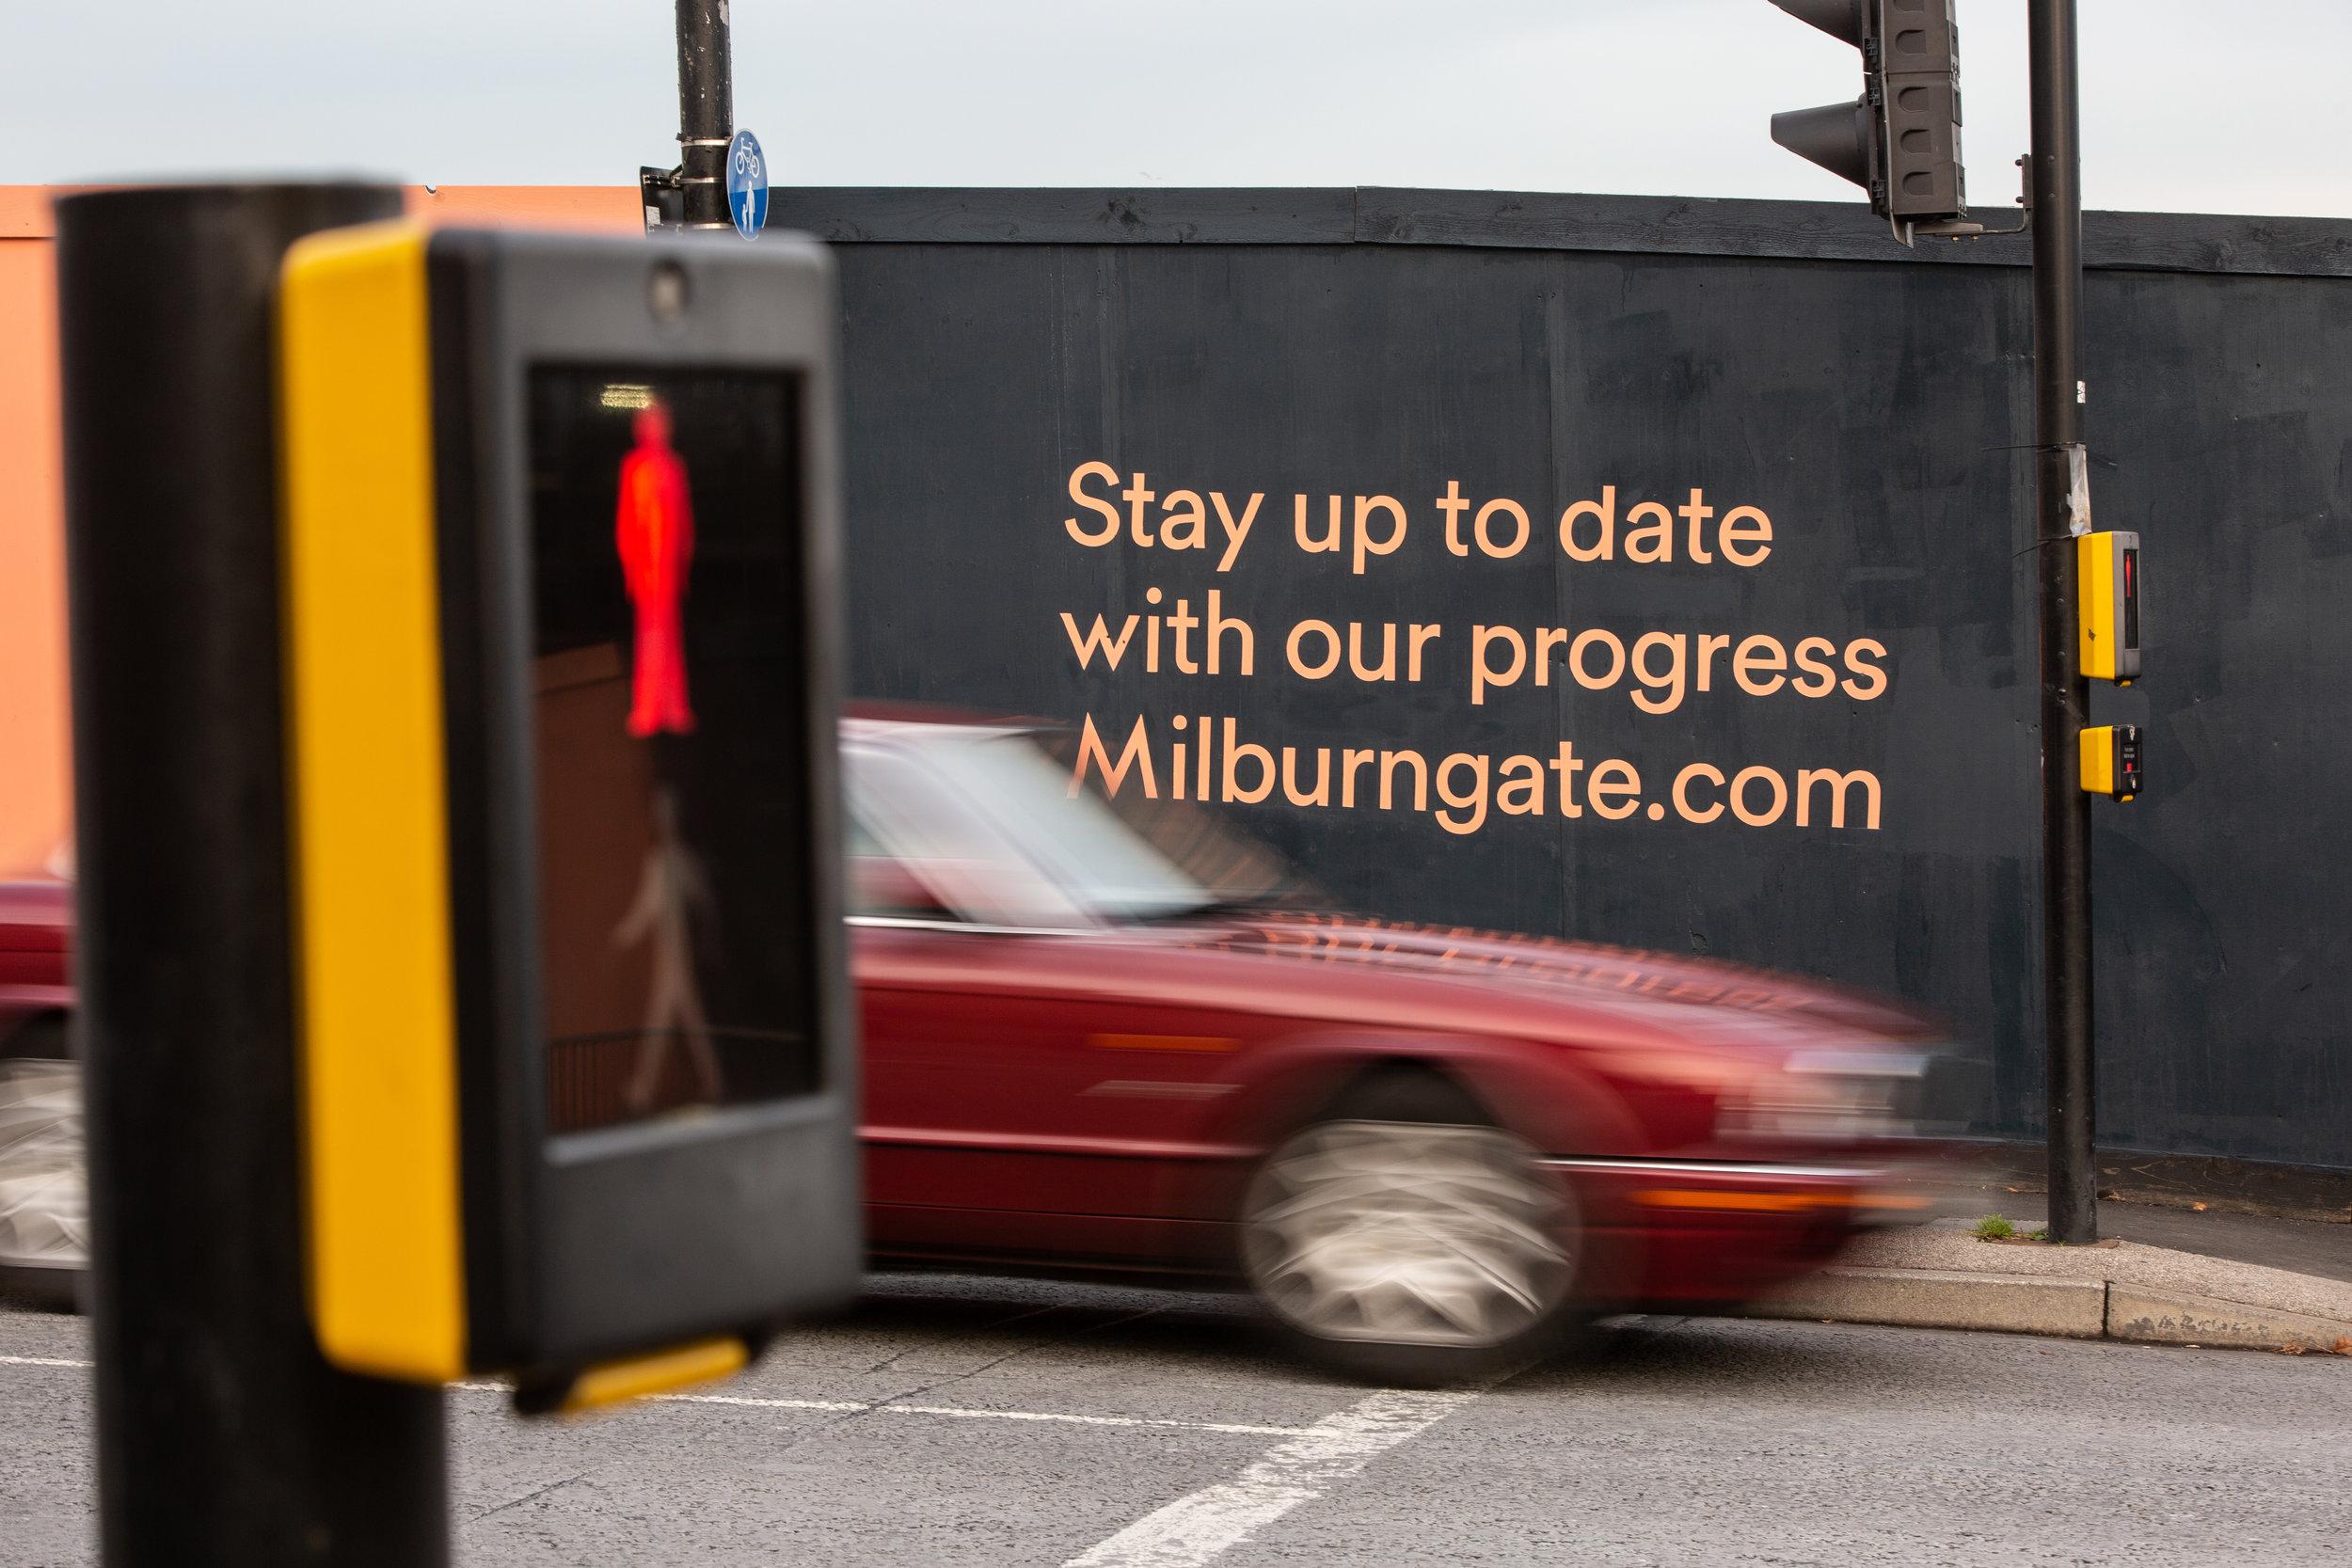 MilburngateHoardings-125-large.jpg